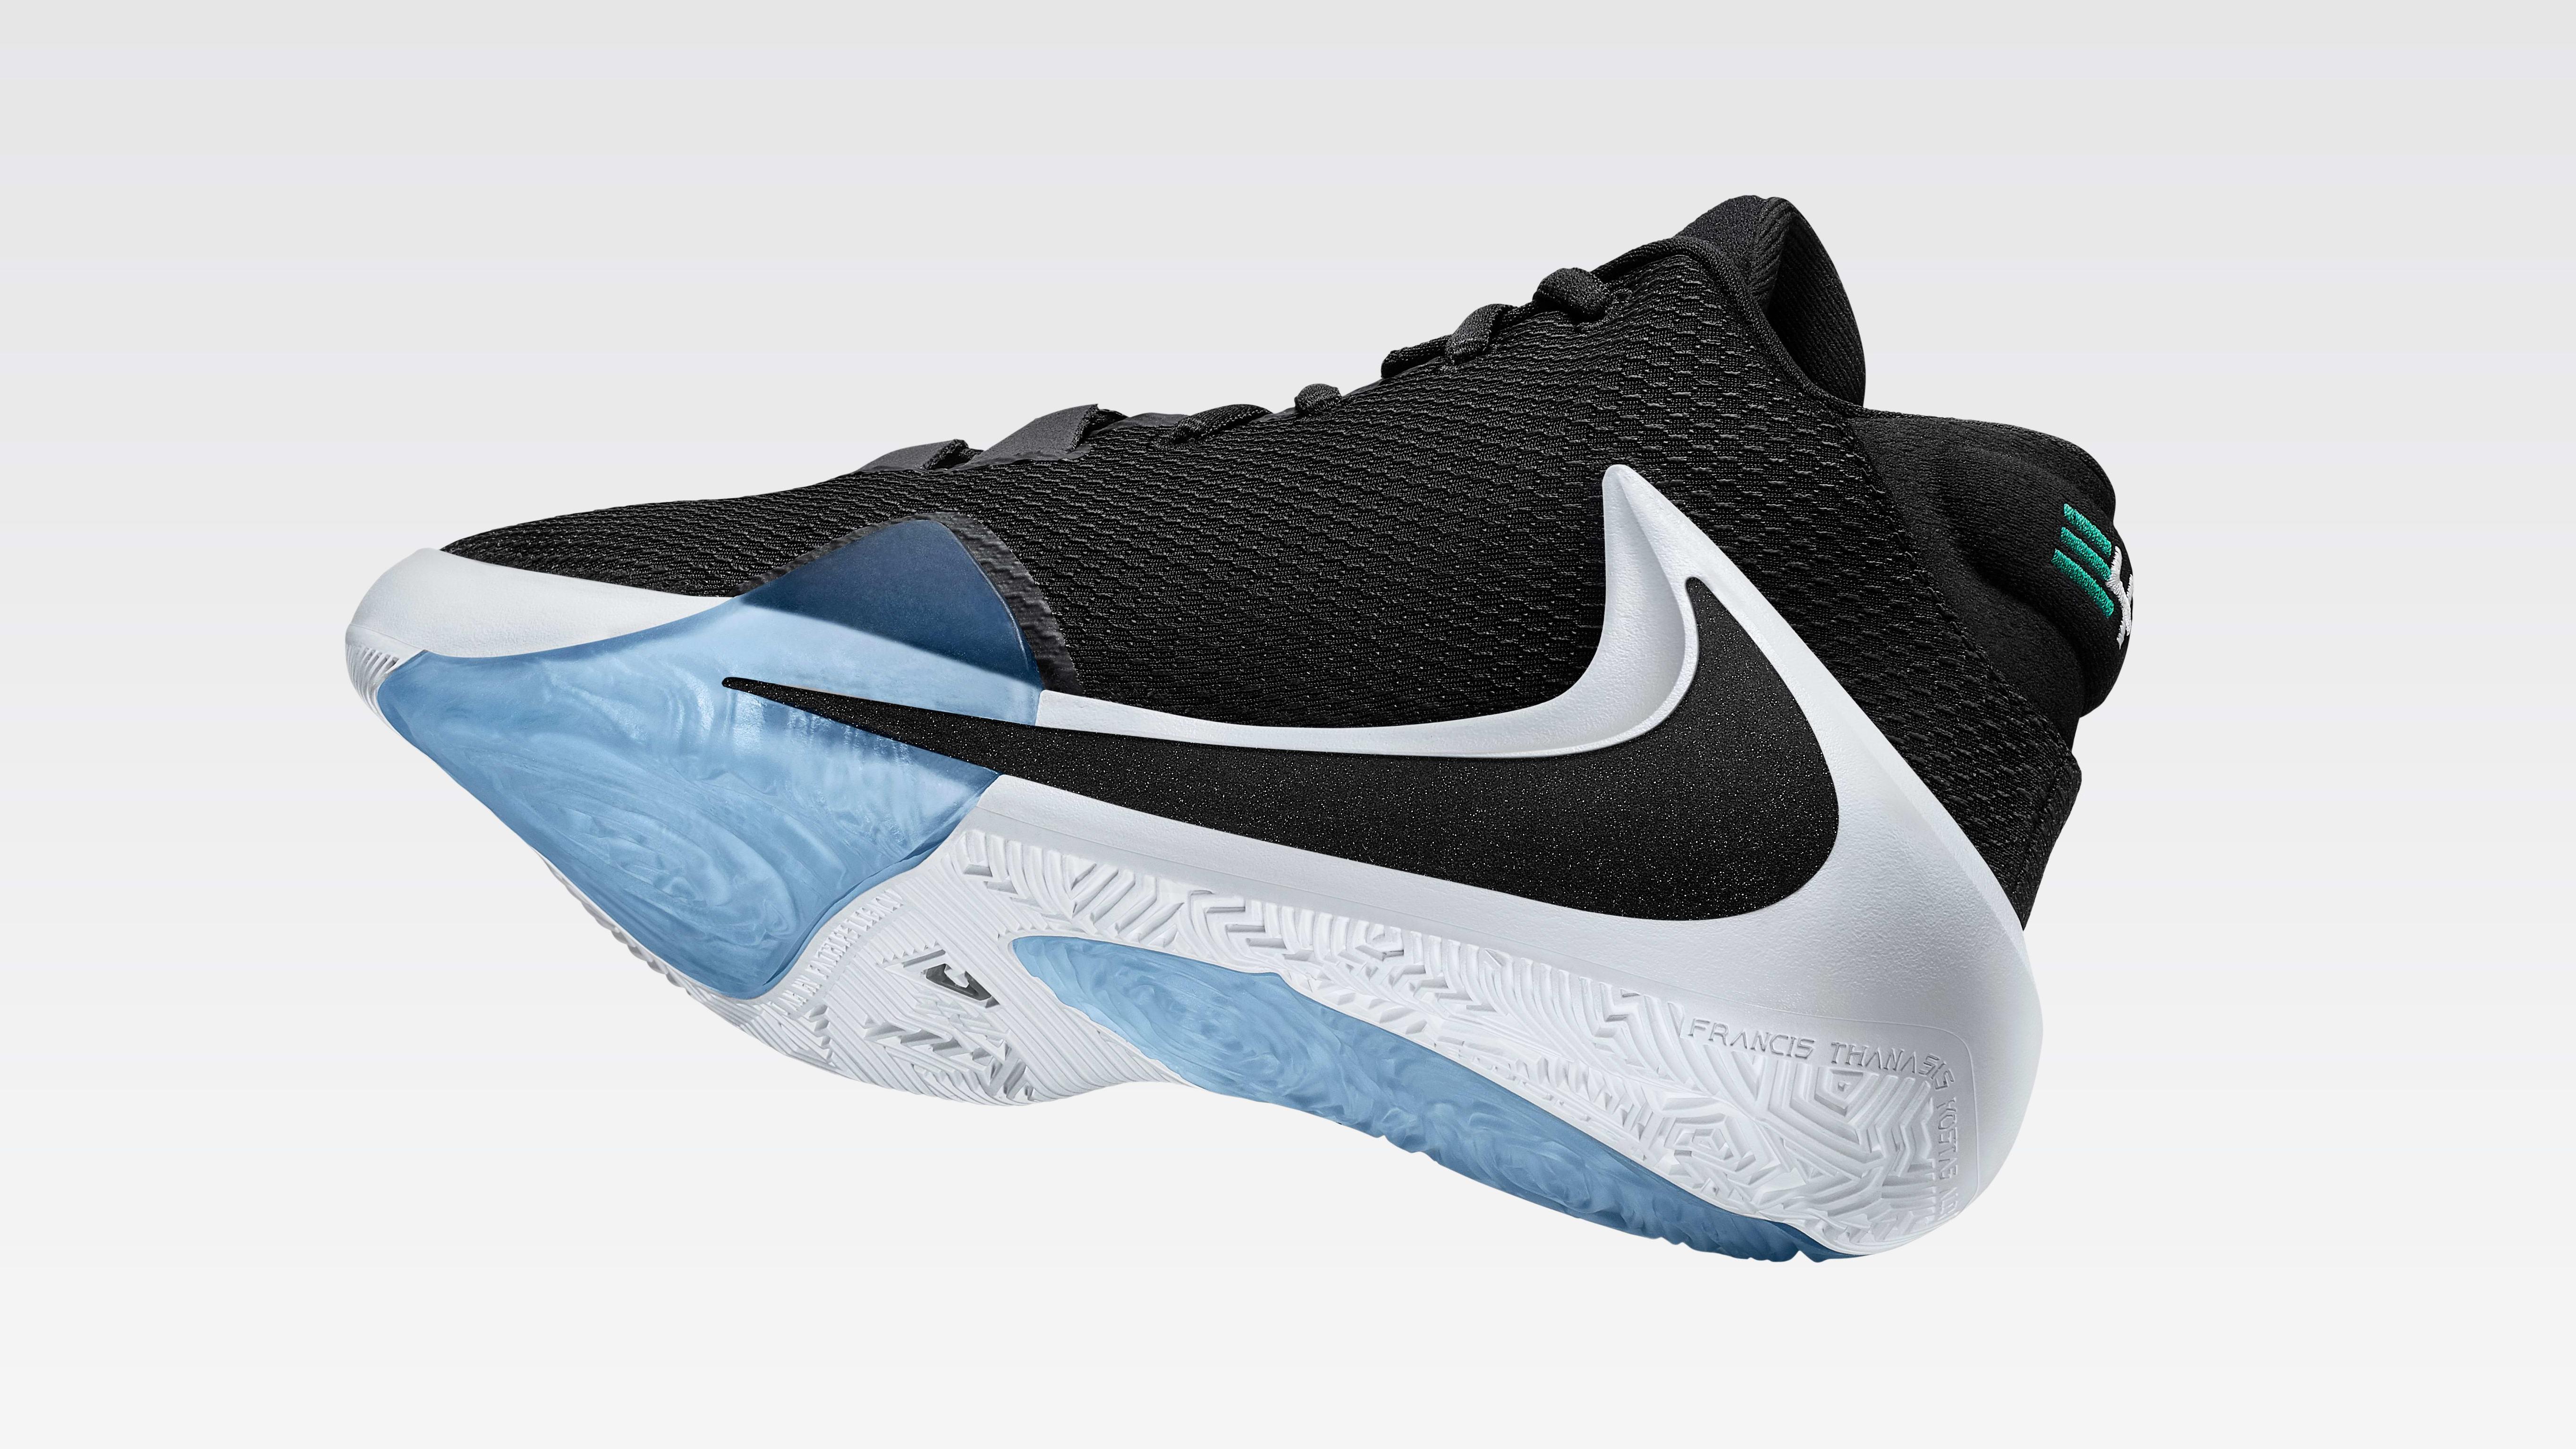 Nike Air Zoom Freak 1 (Black Tilted)